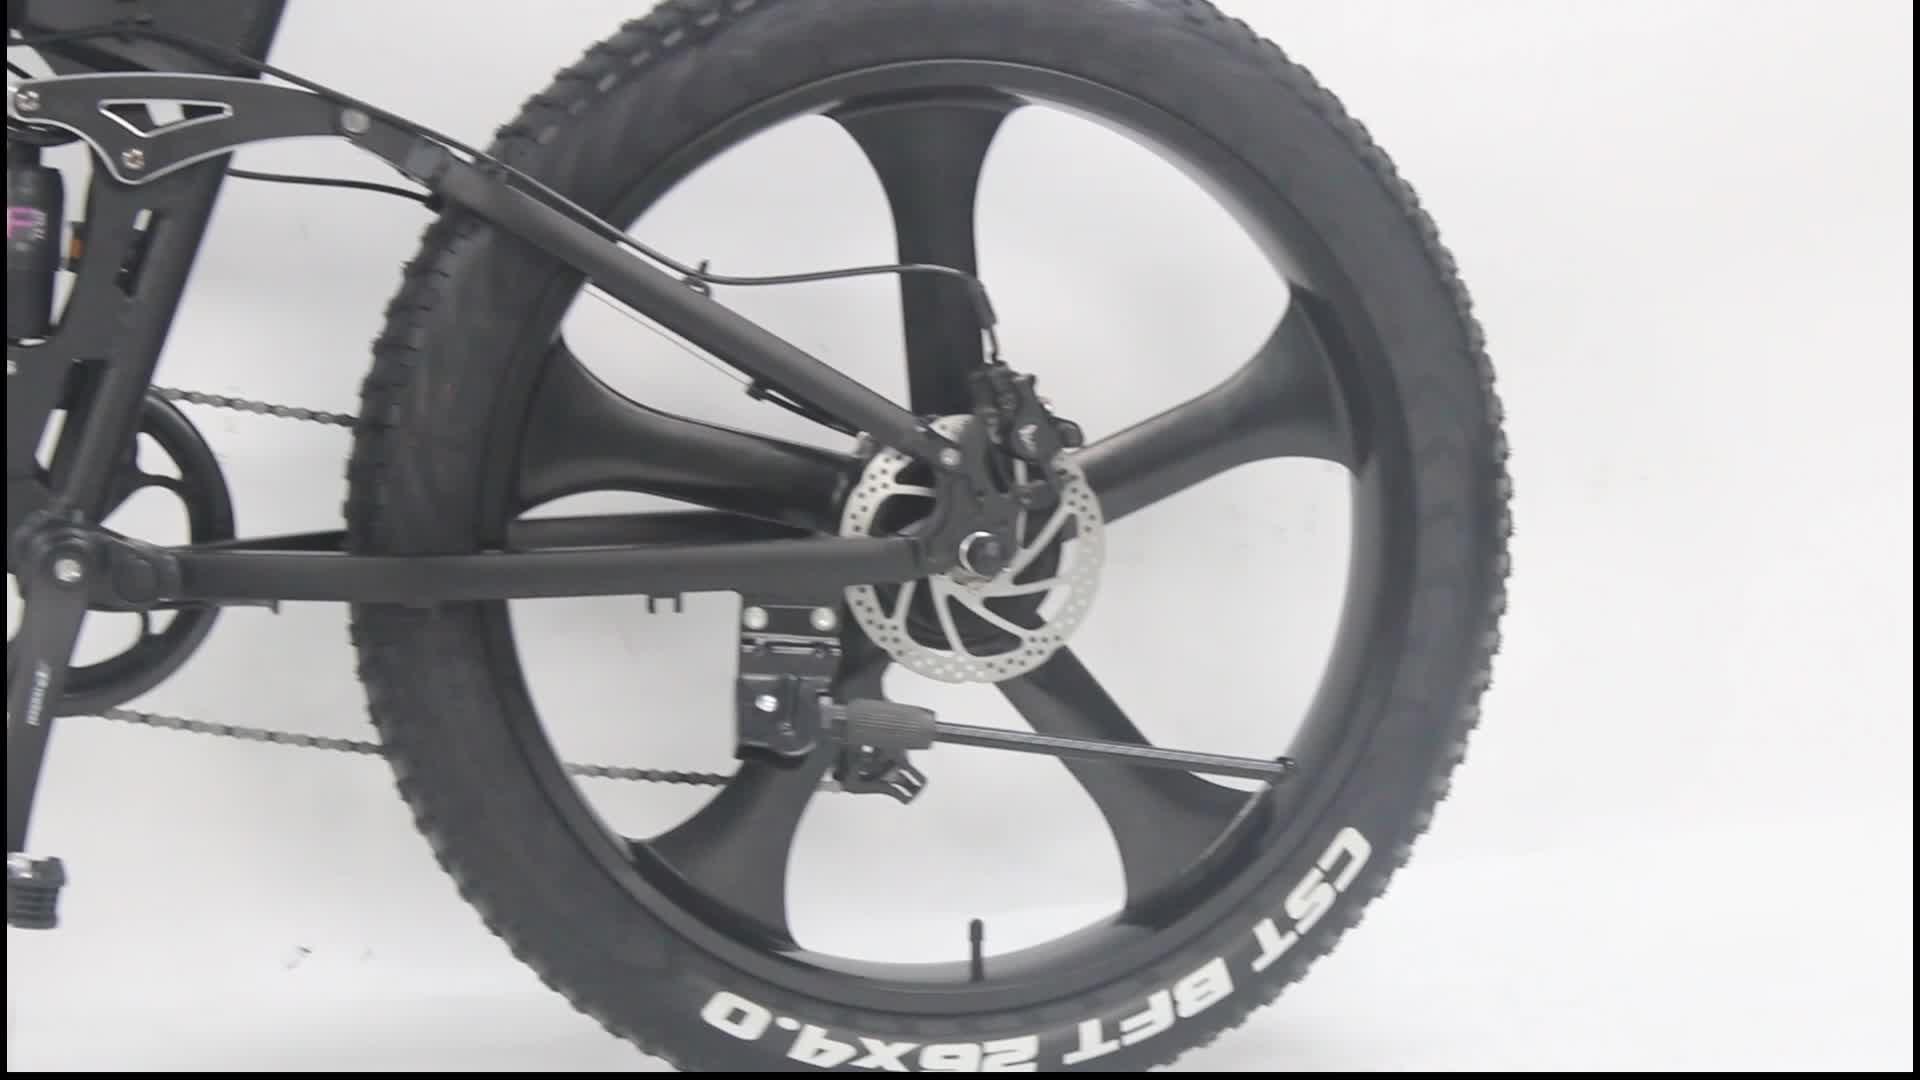 Grande Puissance Pliant 26 Pouces Pneu Fatbike Électrique Gros Vélo